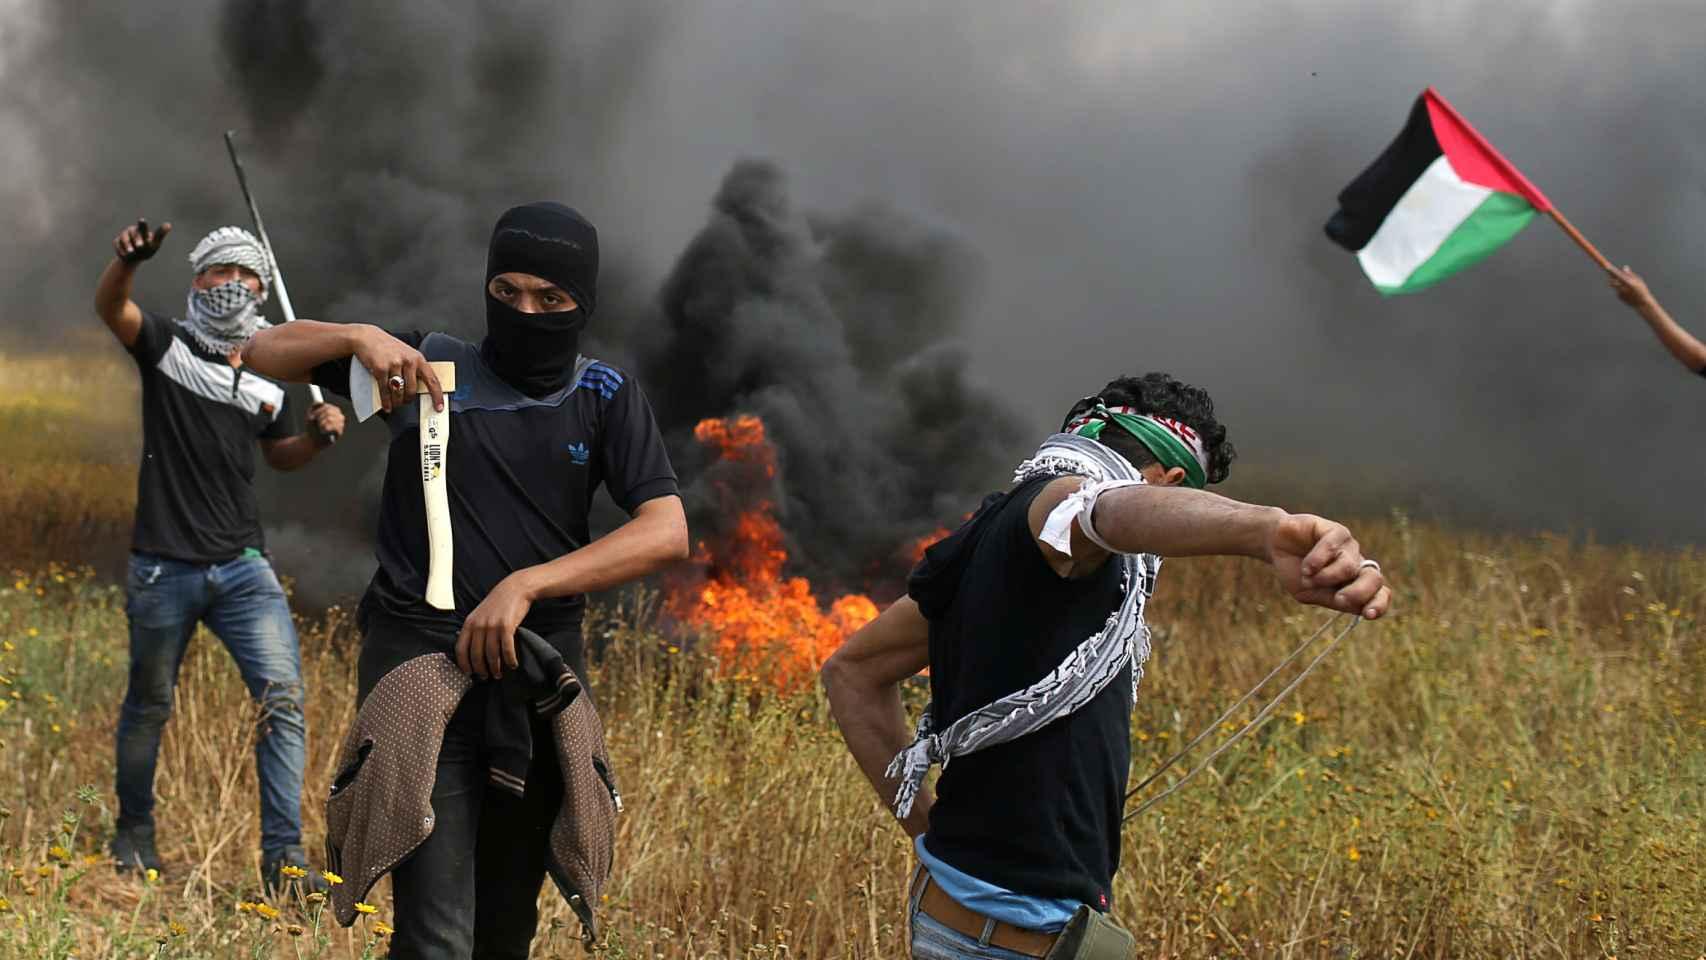 Un manifestante palestino sostiene un hacha durante los enfrentamientos con las tropas israelíes.